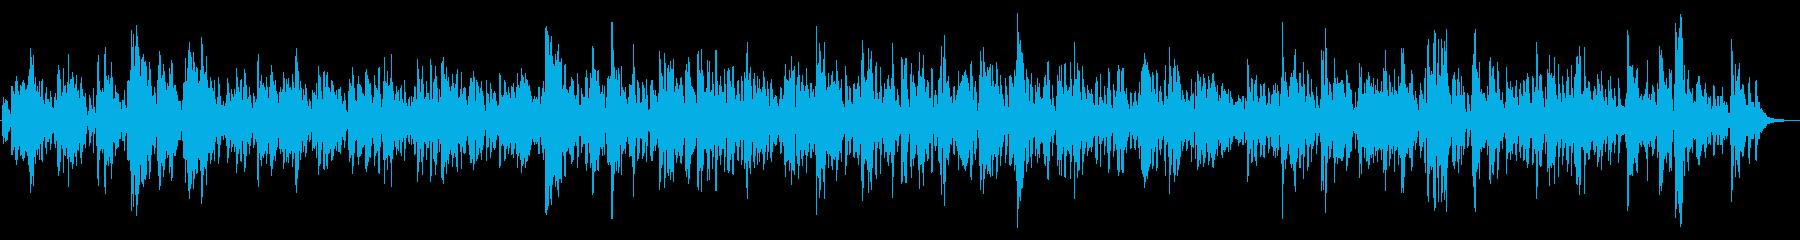 静かな夜に聴きたいしっとりジャズバラードの再生済みの波形